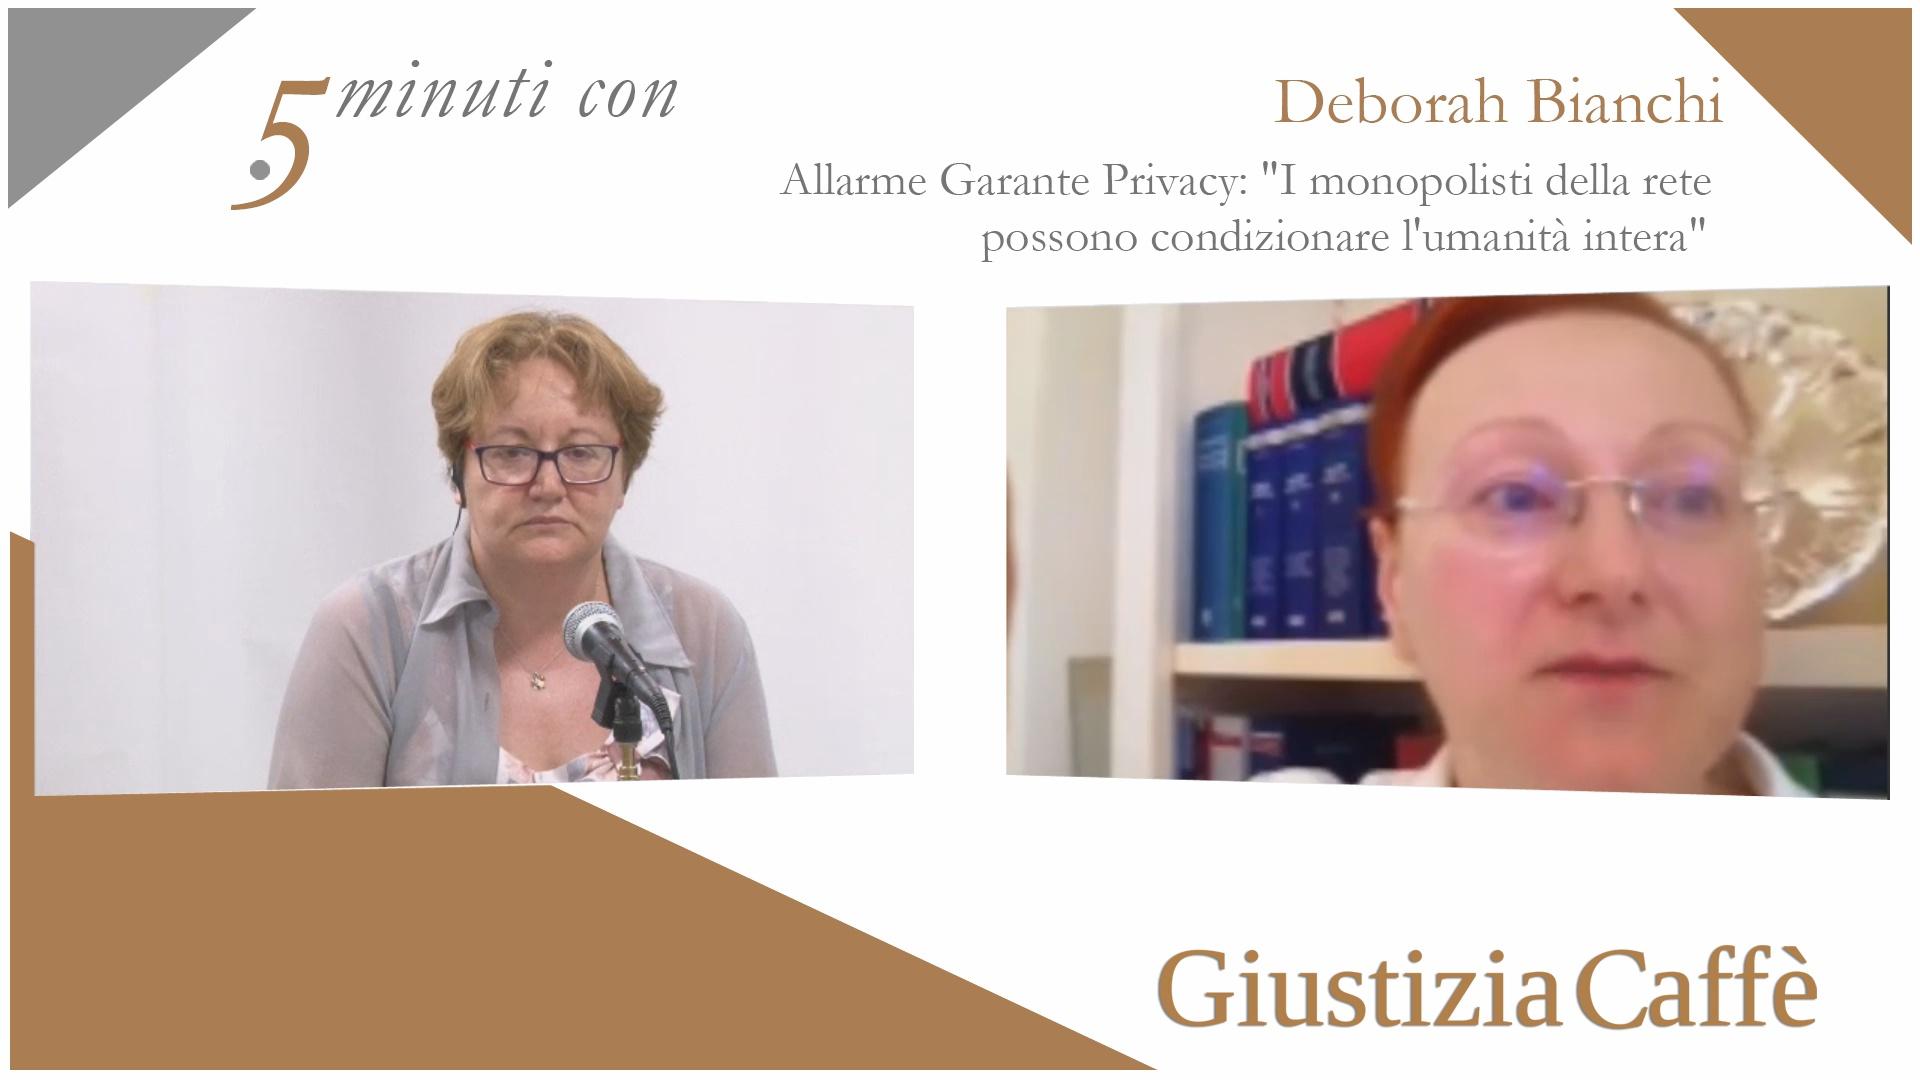 """5 MINUTI CON DEBORAH BIANCHI. ALLARME GARANTE PRIVACY: """"MONOPOLISTI DELLA RETE POSSONO CONDIZIONARE UMANITA'"""""""